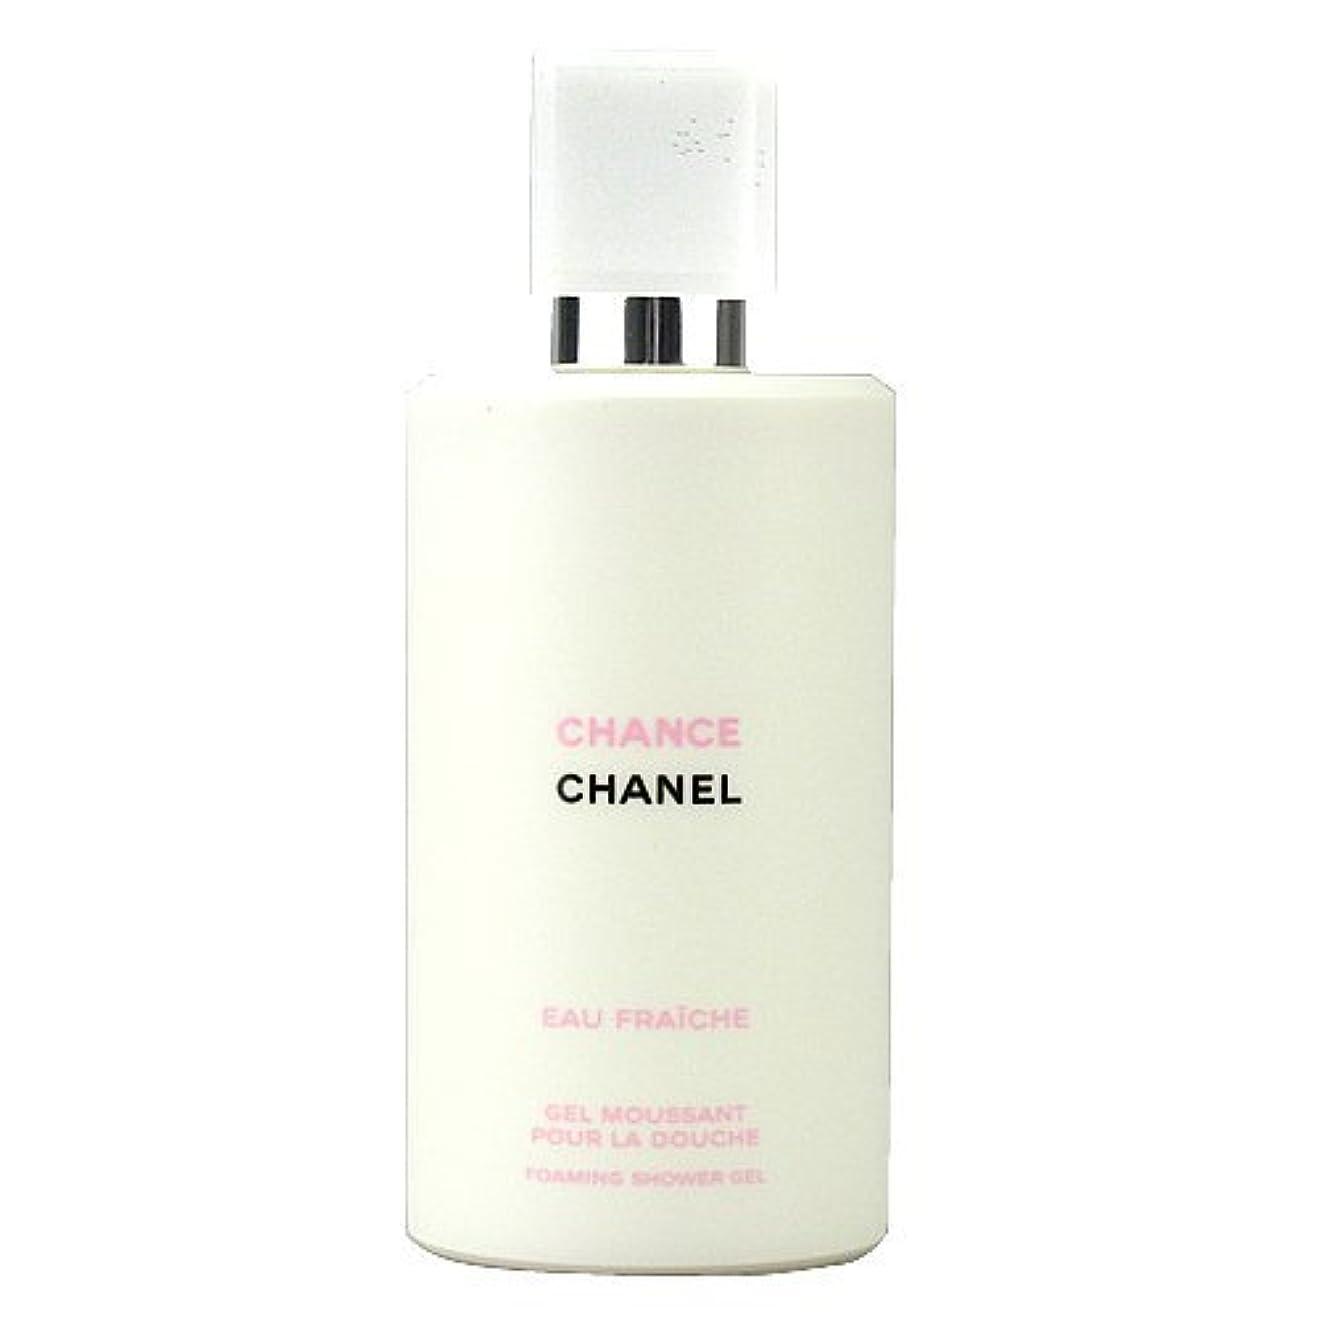 相関するレキシコン困惑したシャネル CHANEL チャンス オー フレッシュ シャワー ジェル 200ml